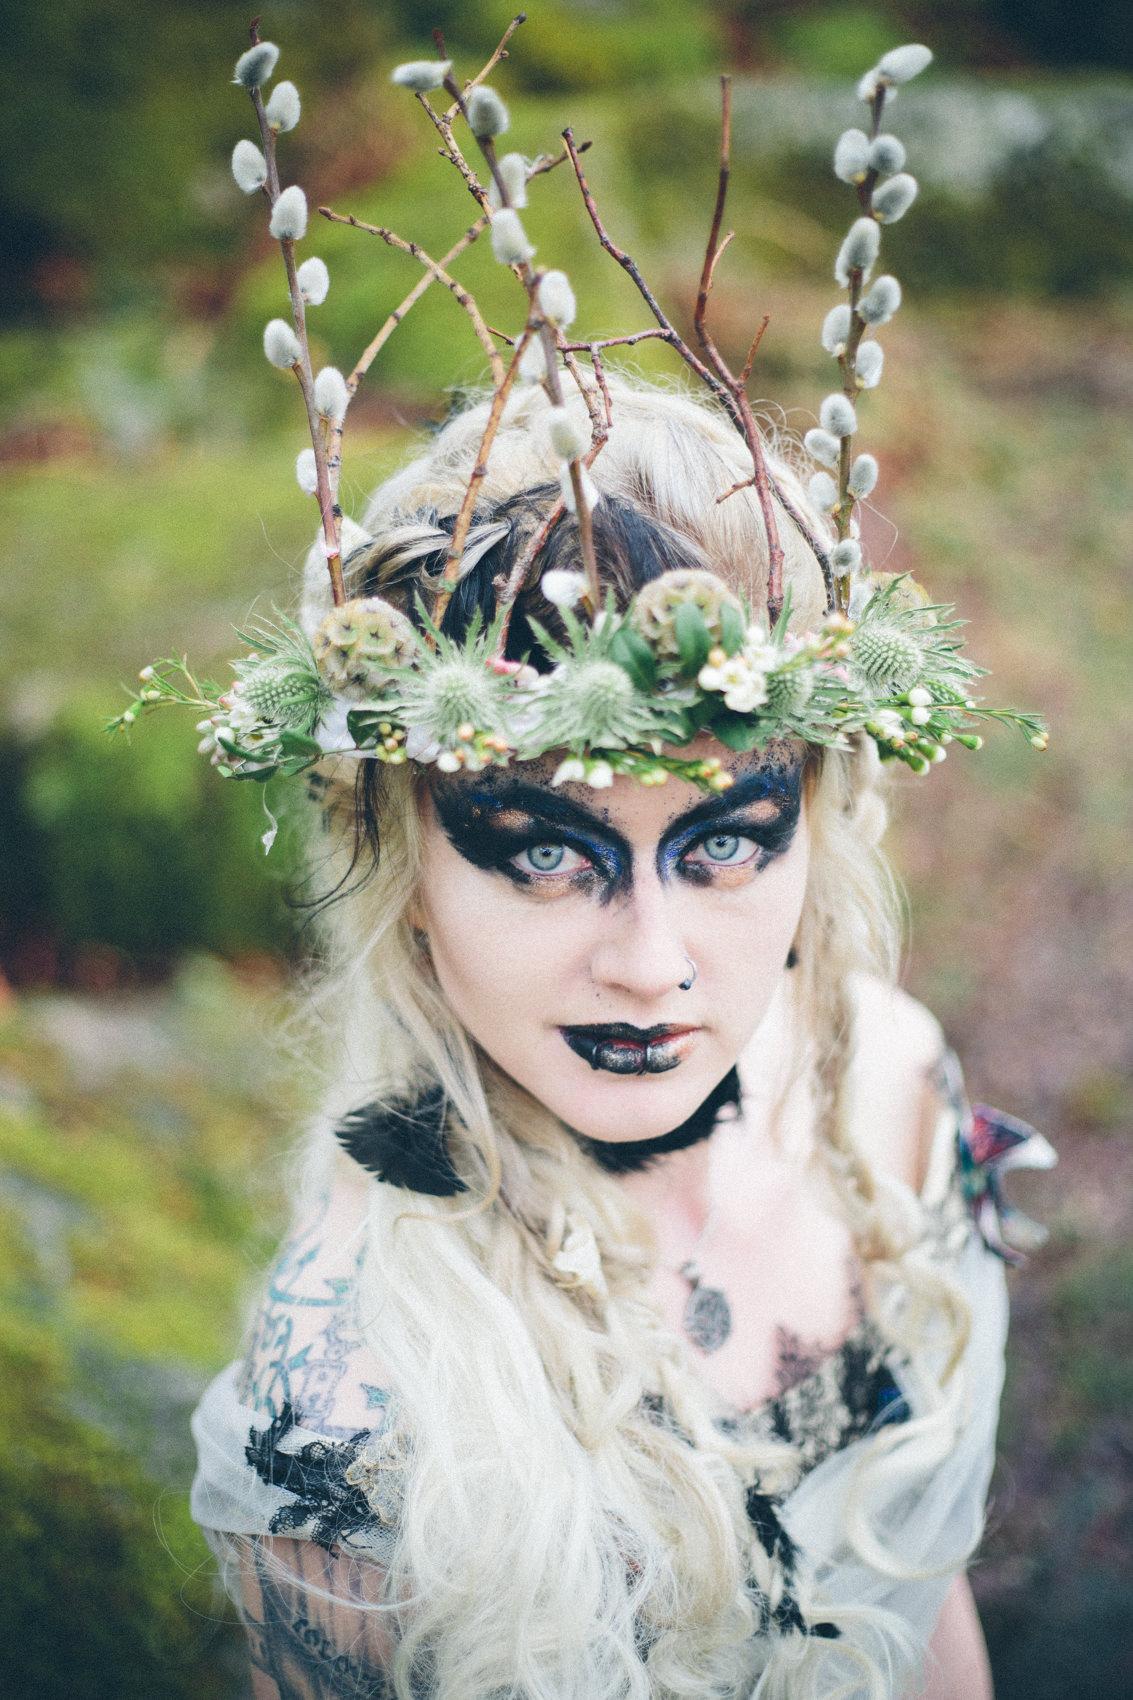 Unseelie Faeries Bridal Shoot | Wistmans Wood